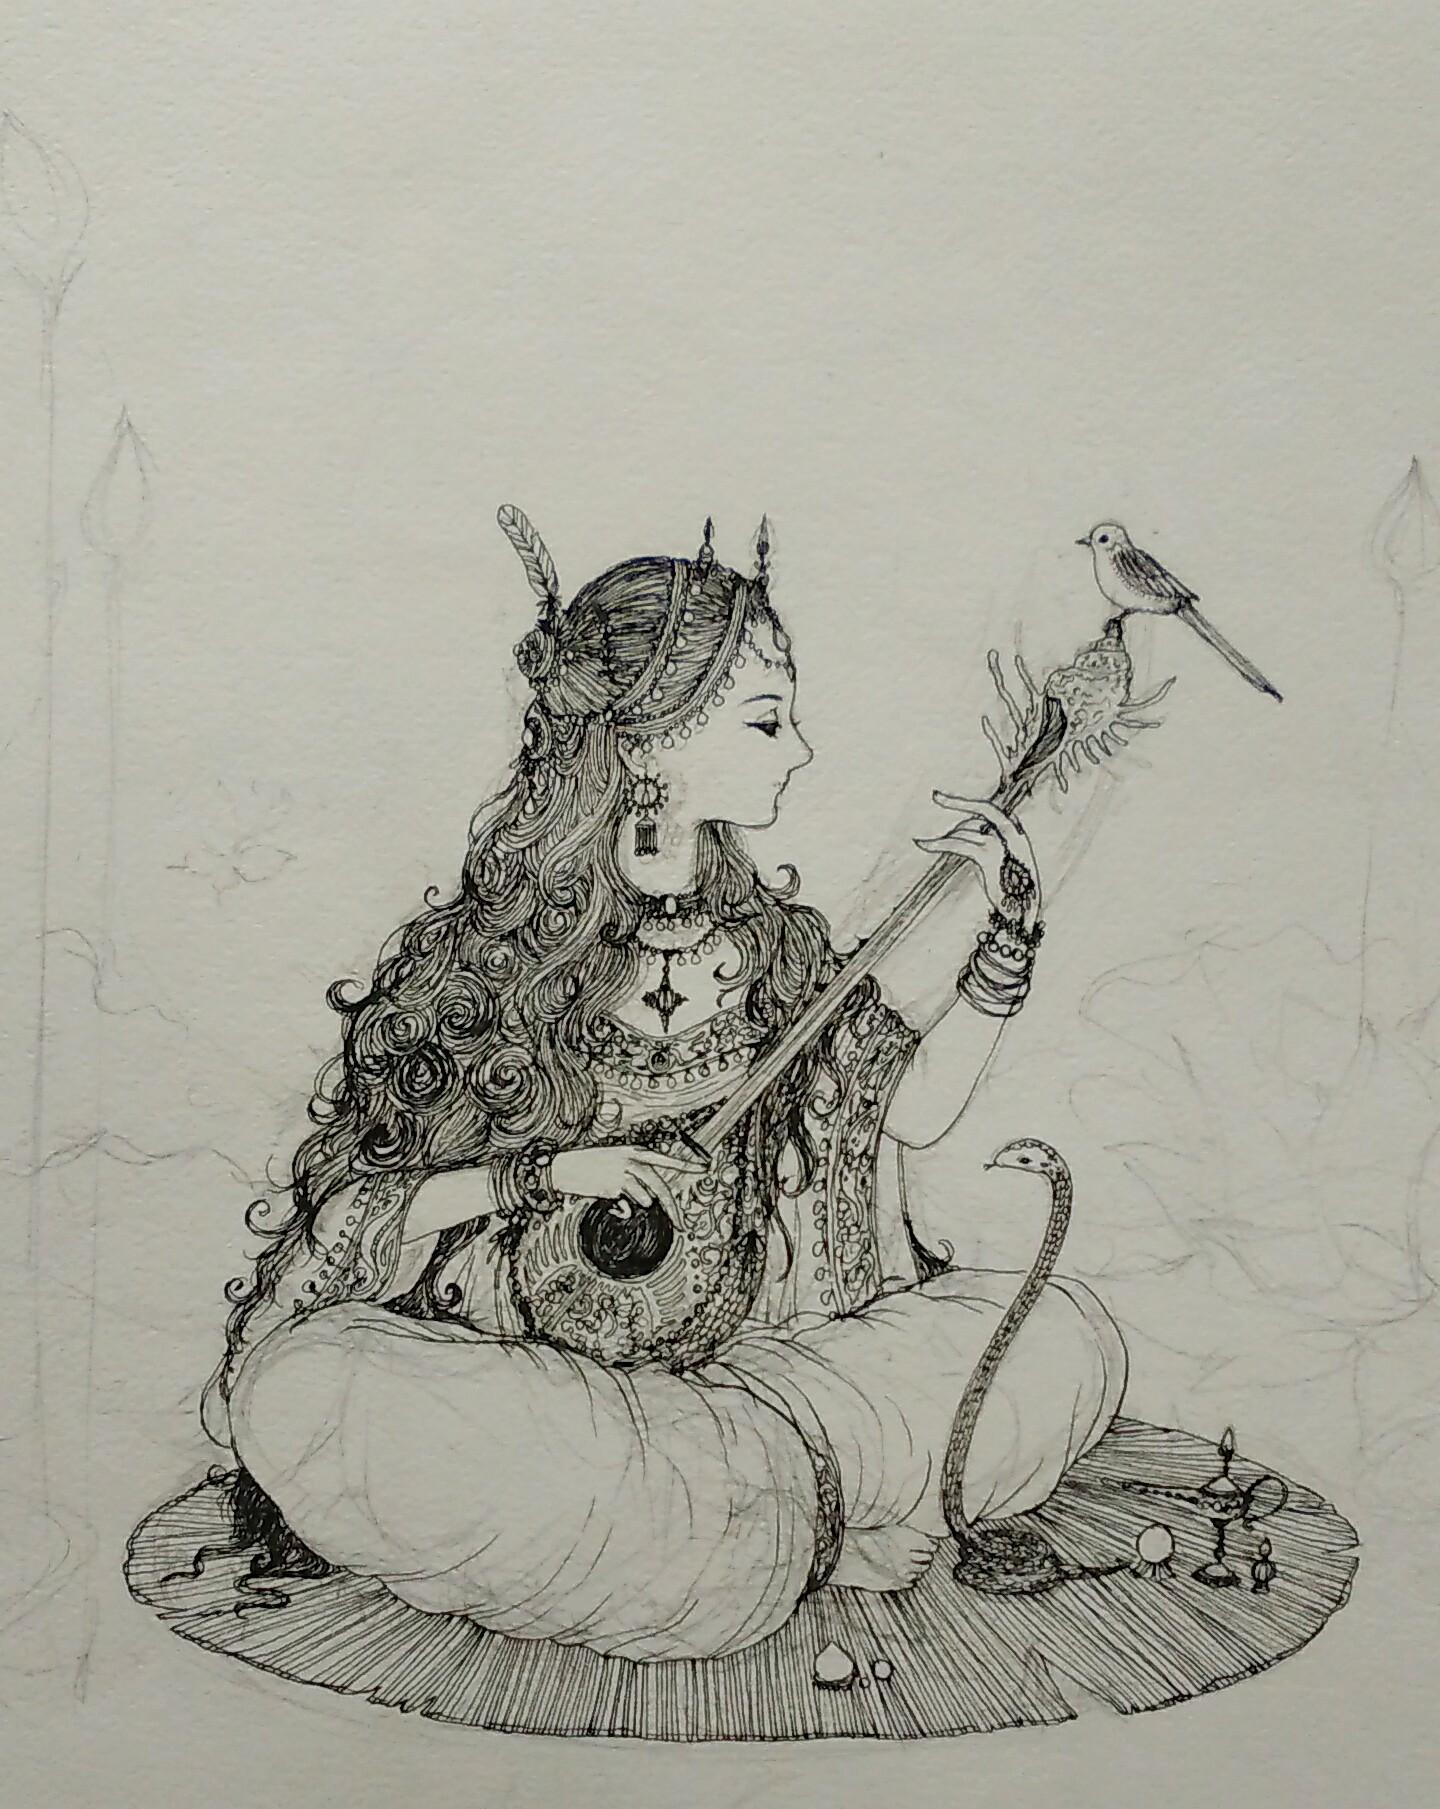 ペン ロングヘア 美女 エキゾチック 楽器 ハス